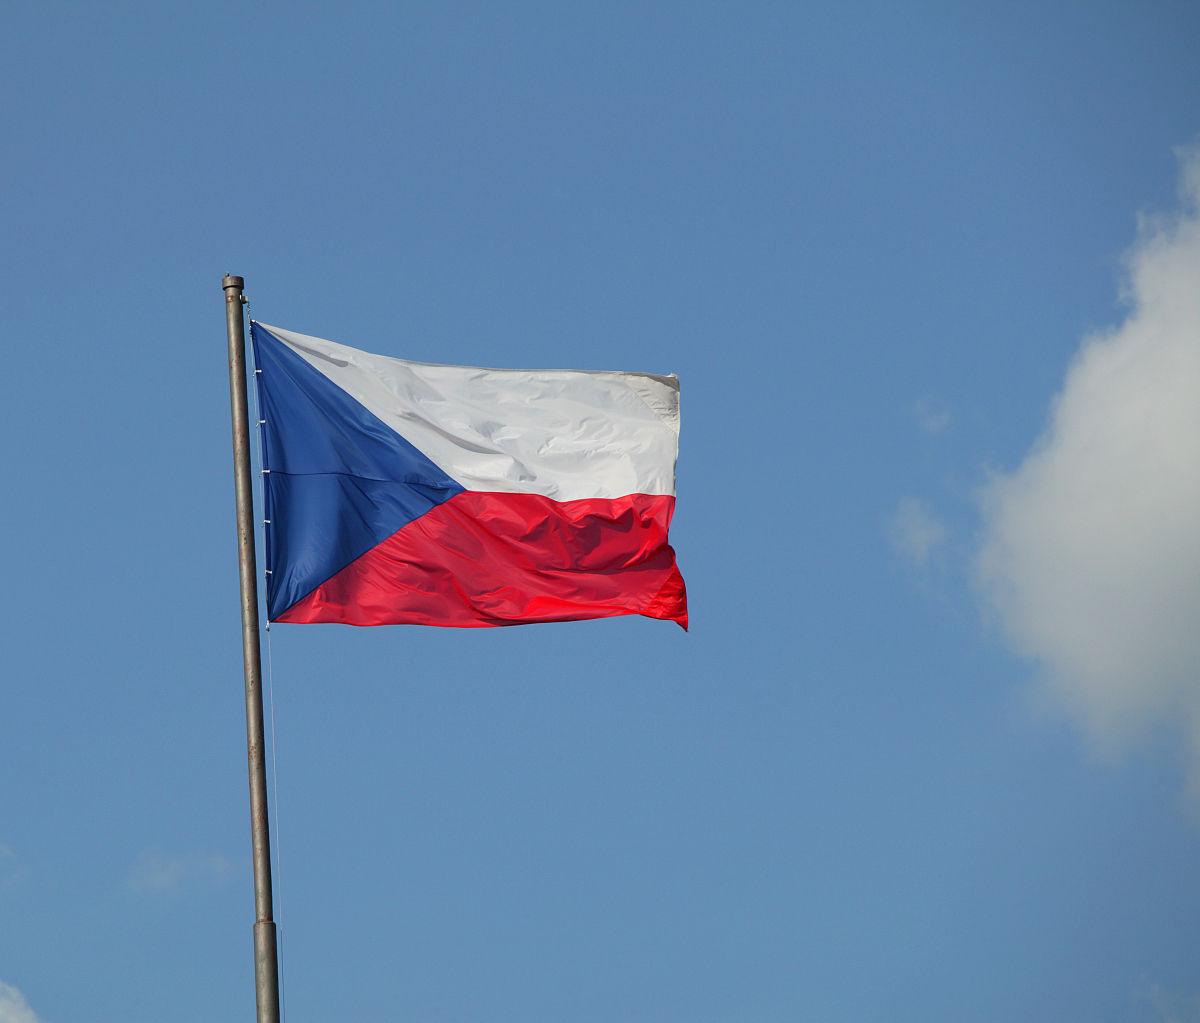 摄影,彩色图片,无人,户外,蓝色,符号,旗帜,天空,白昼,东欧,捷克共和国图片